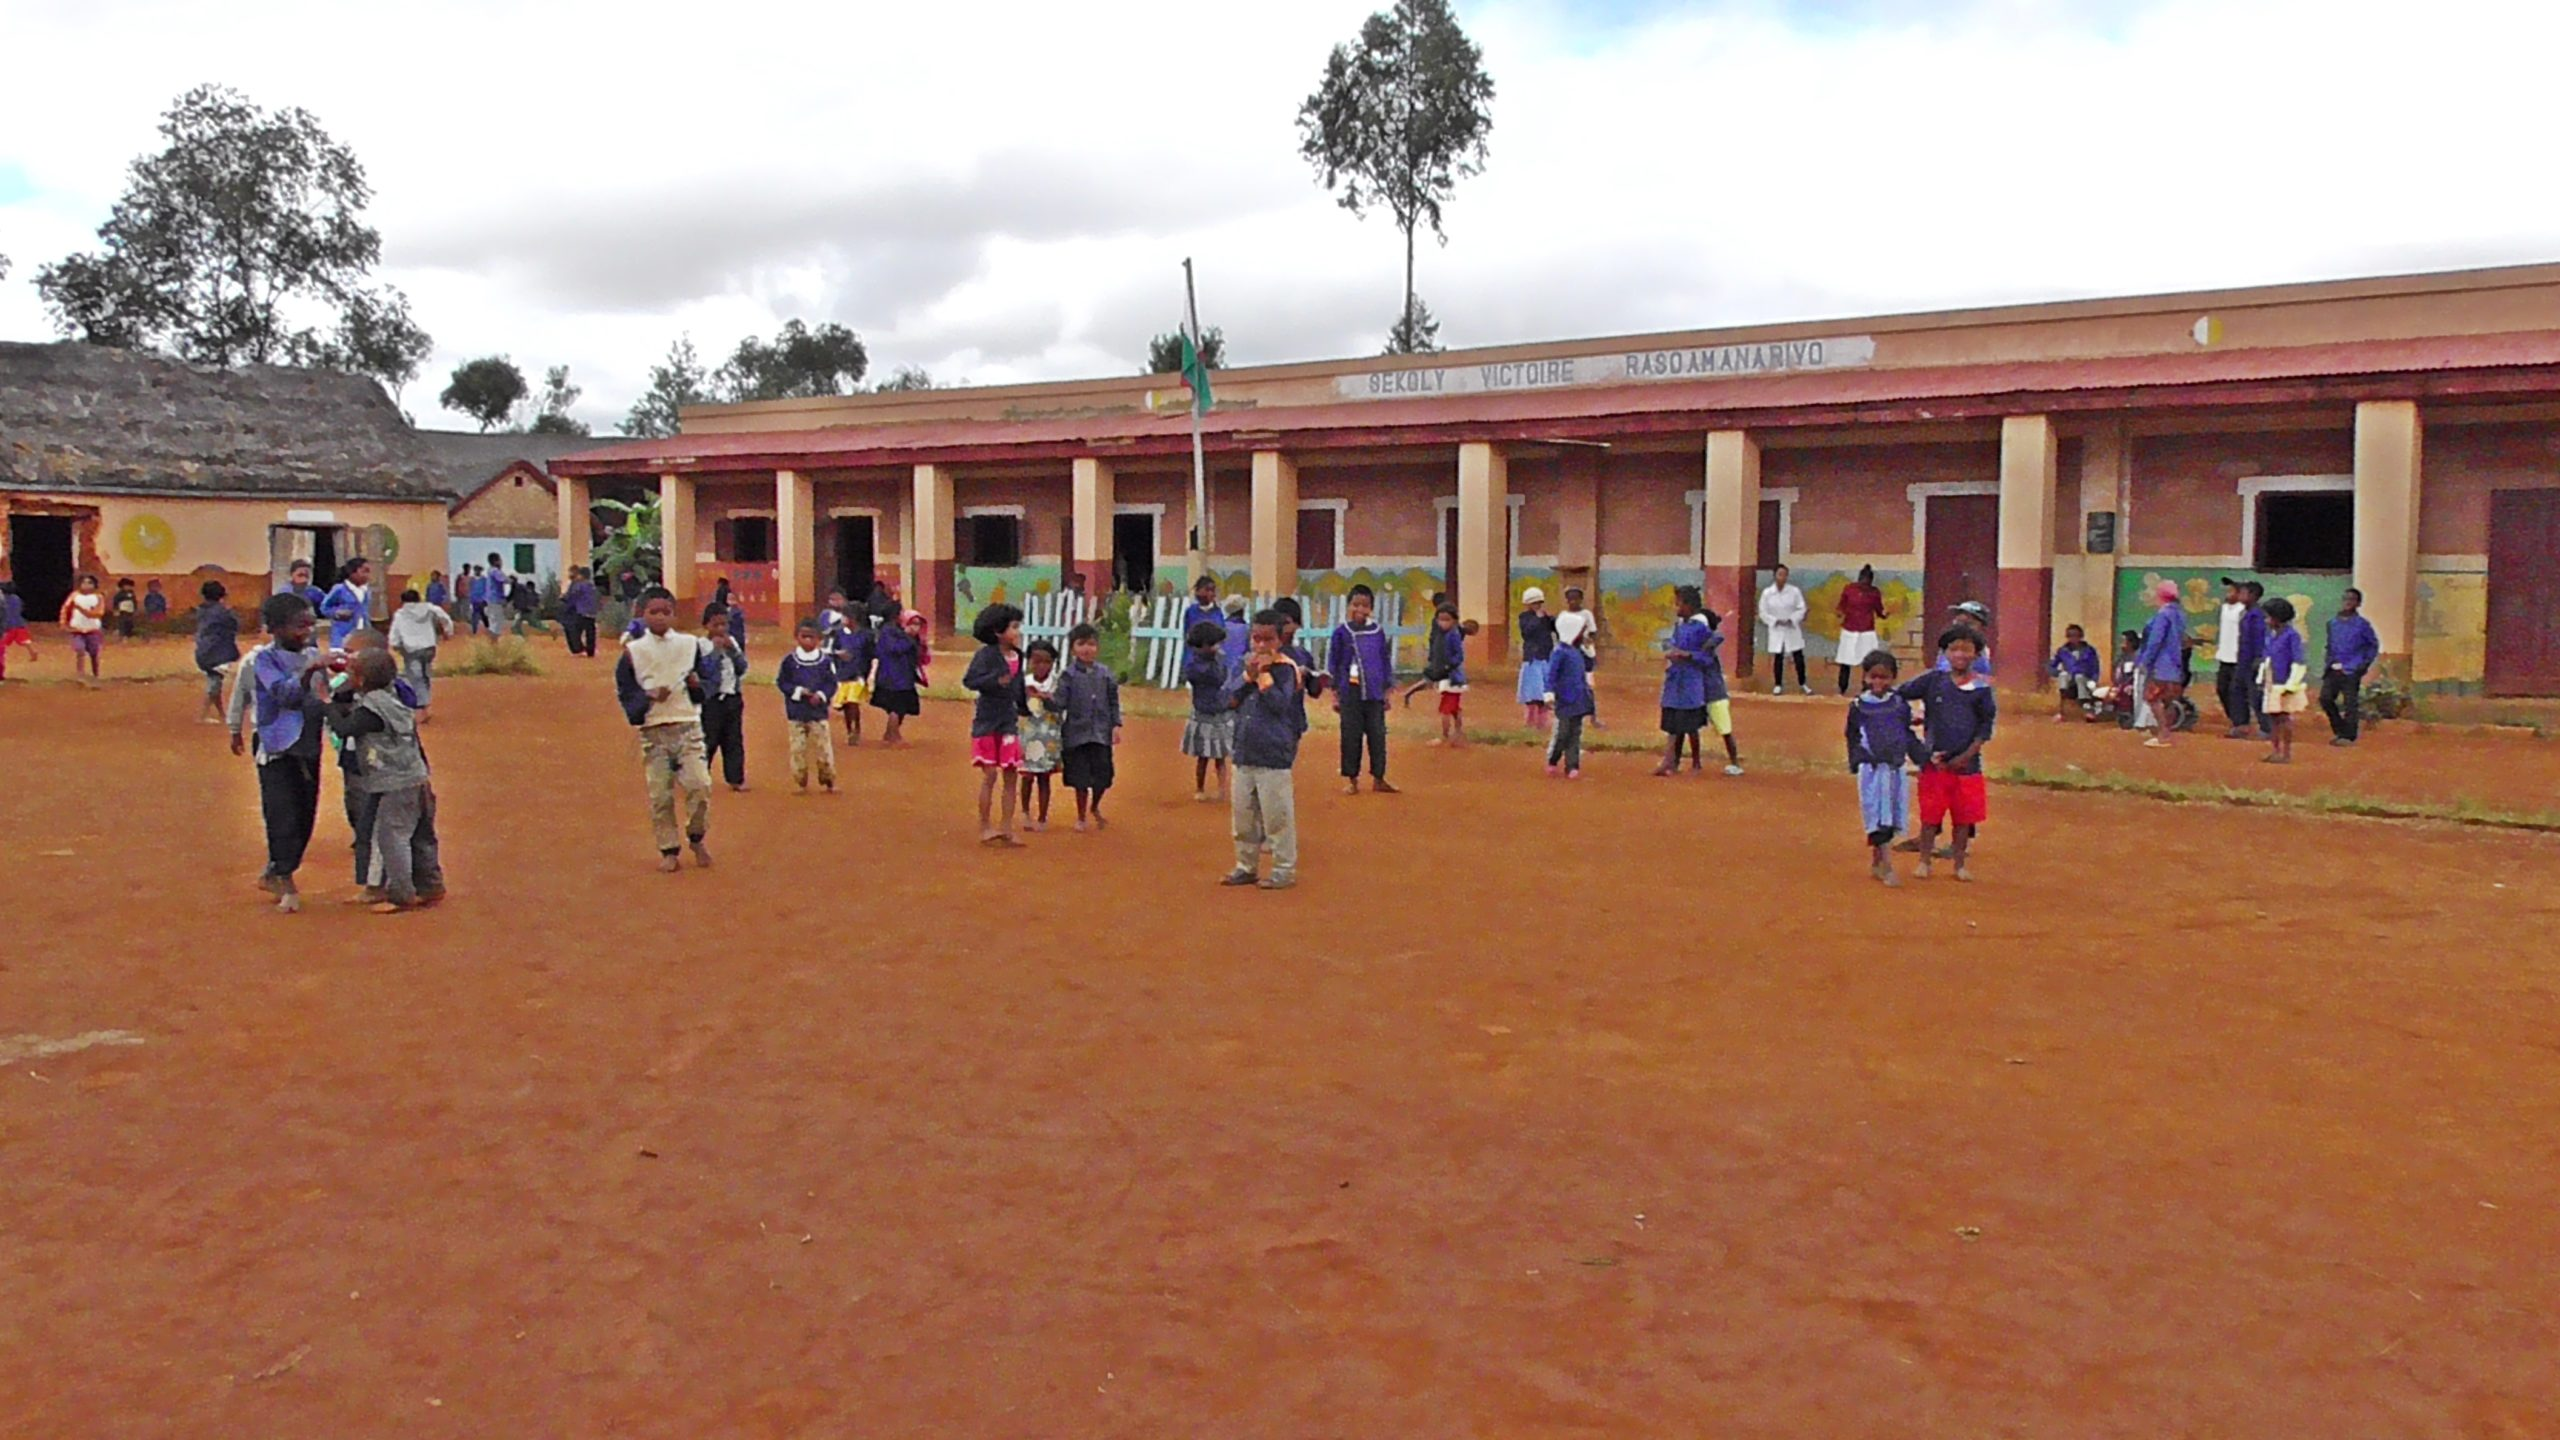 Ecole Ambatolampikely et son préau